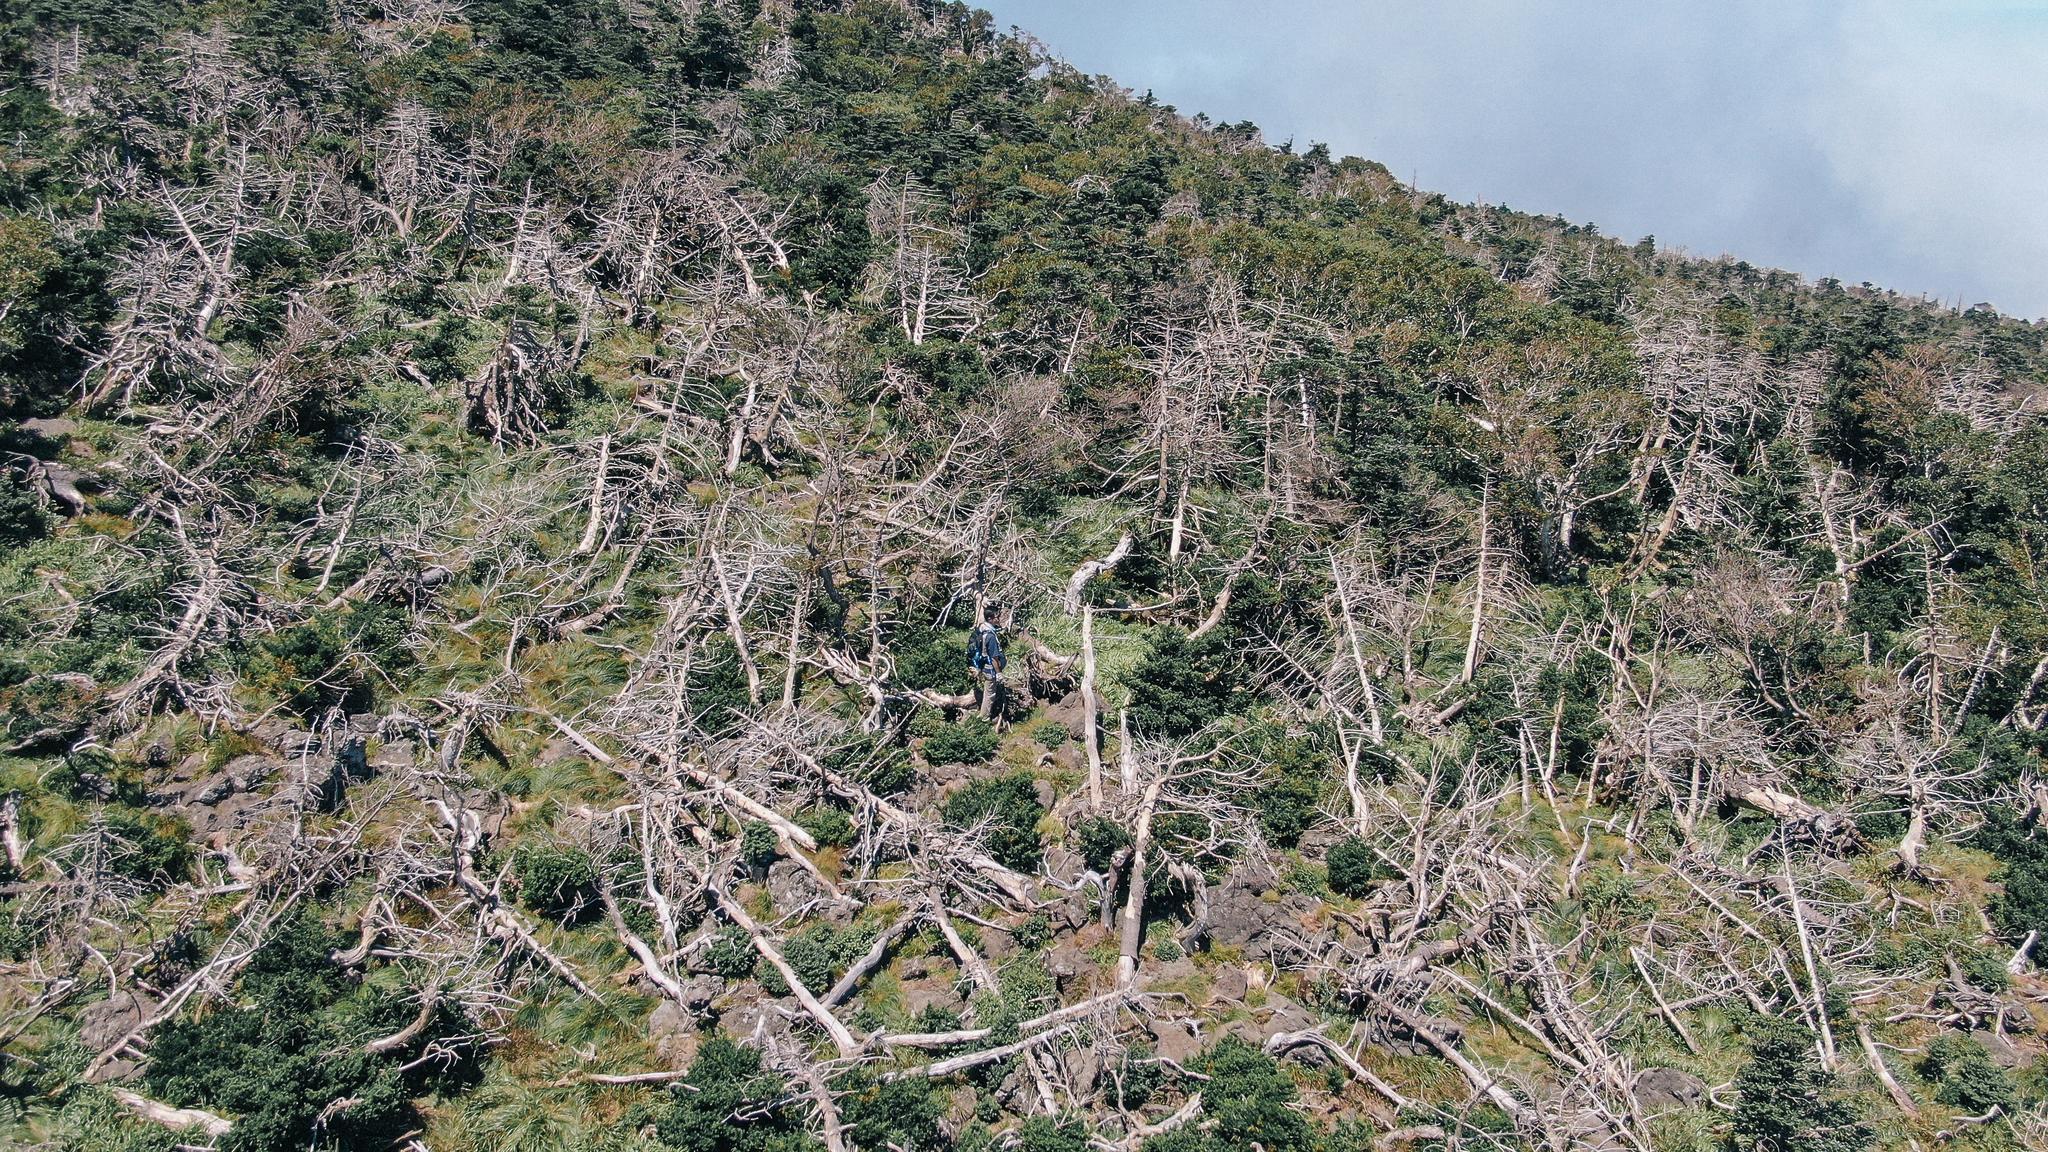 한라산 성판악 등산로 1700m 고지 주변에 구상나무가 집단으로 고사한 모습. 조현우 사진작가